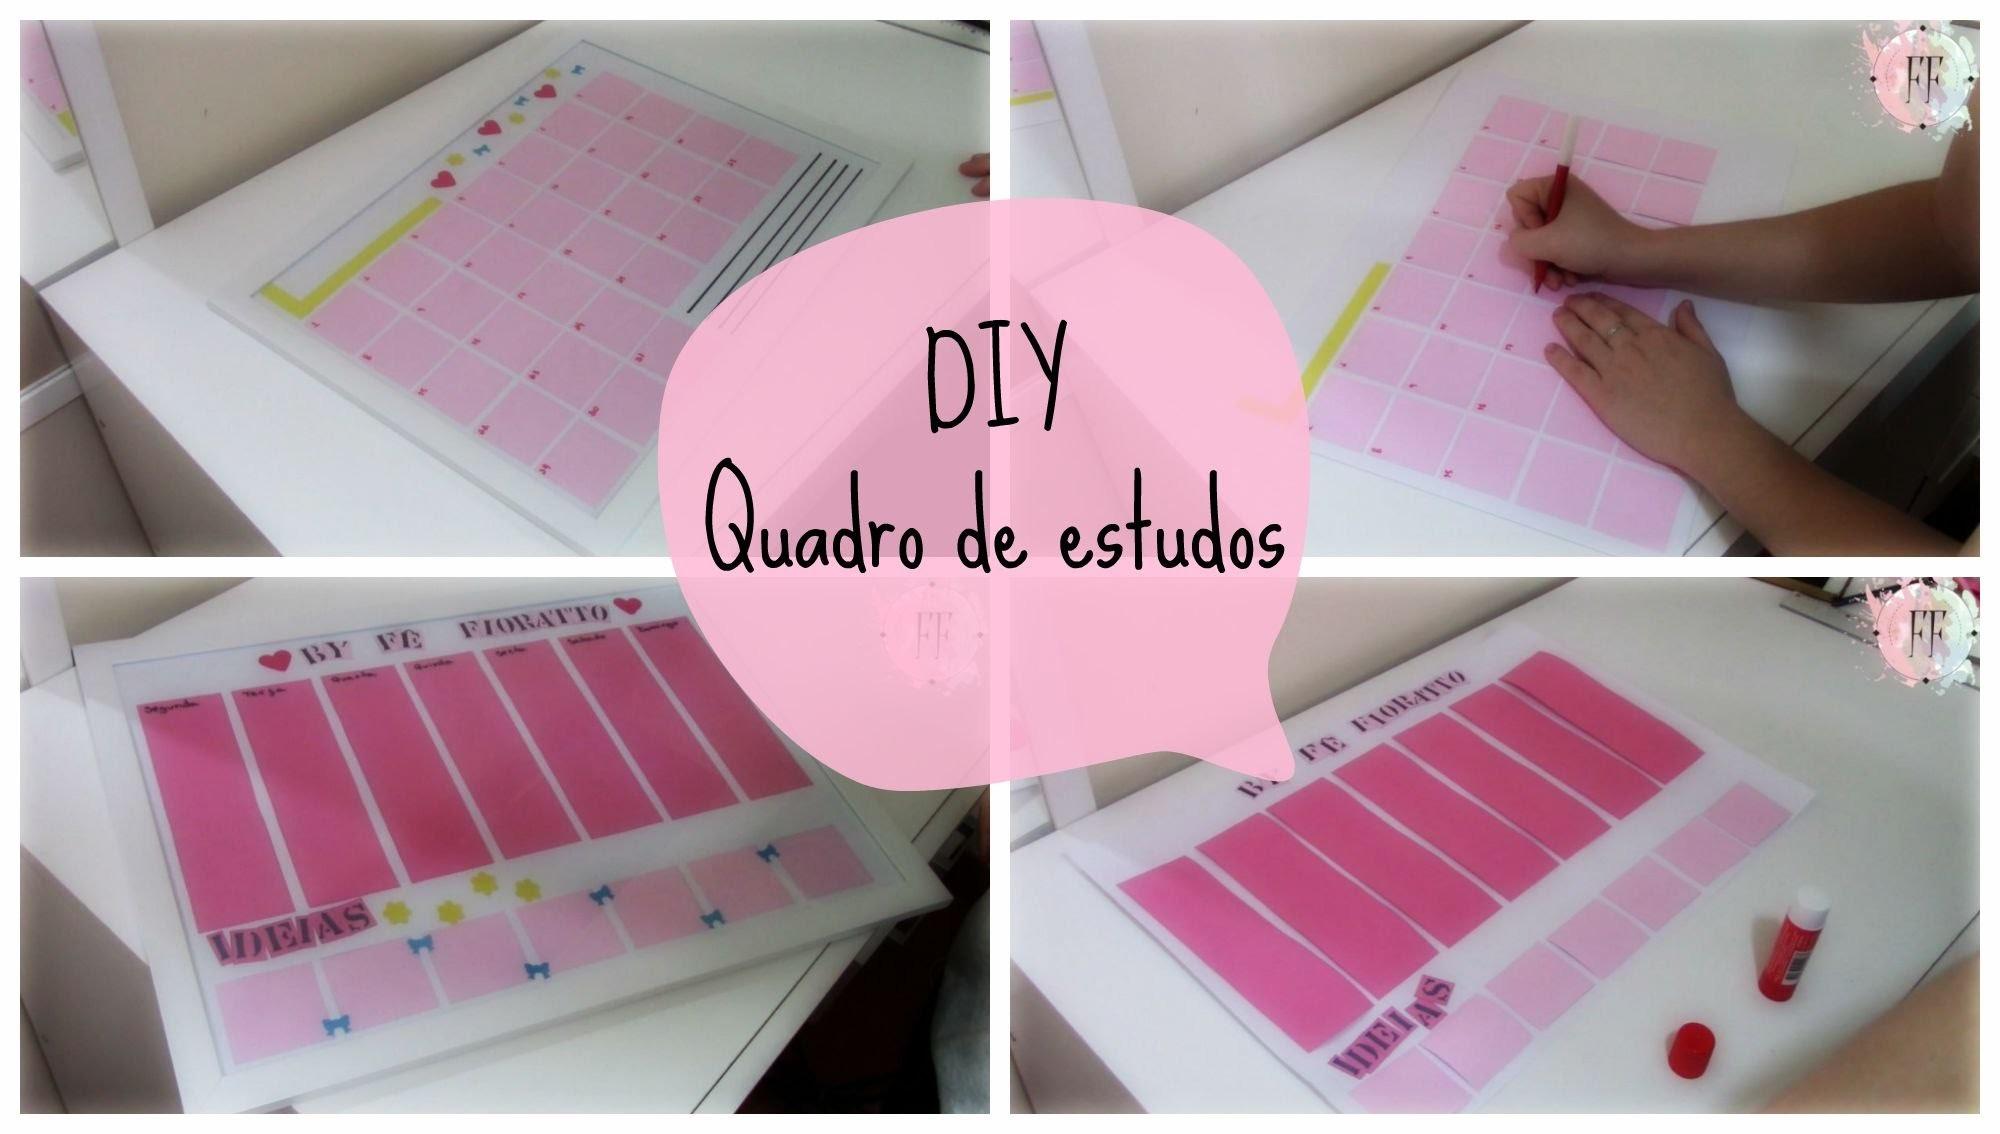 DIY | quadro de estudos | + diy extra